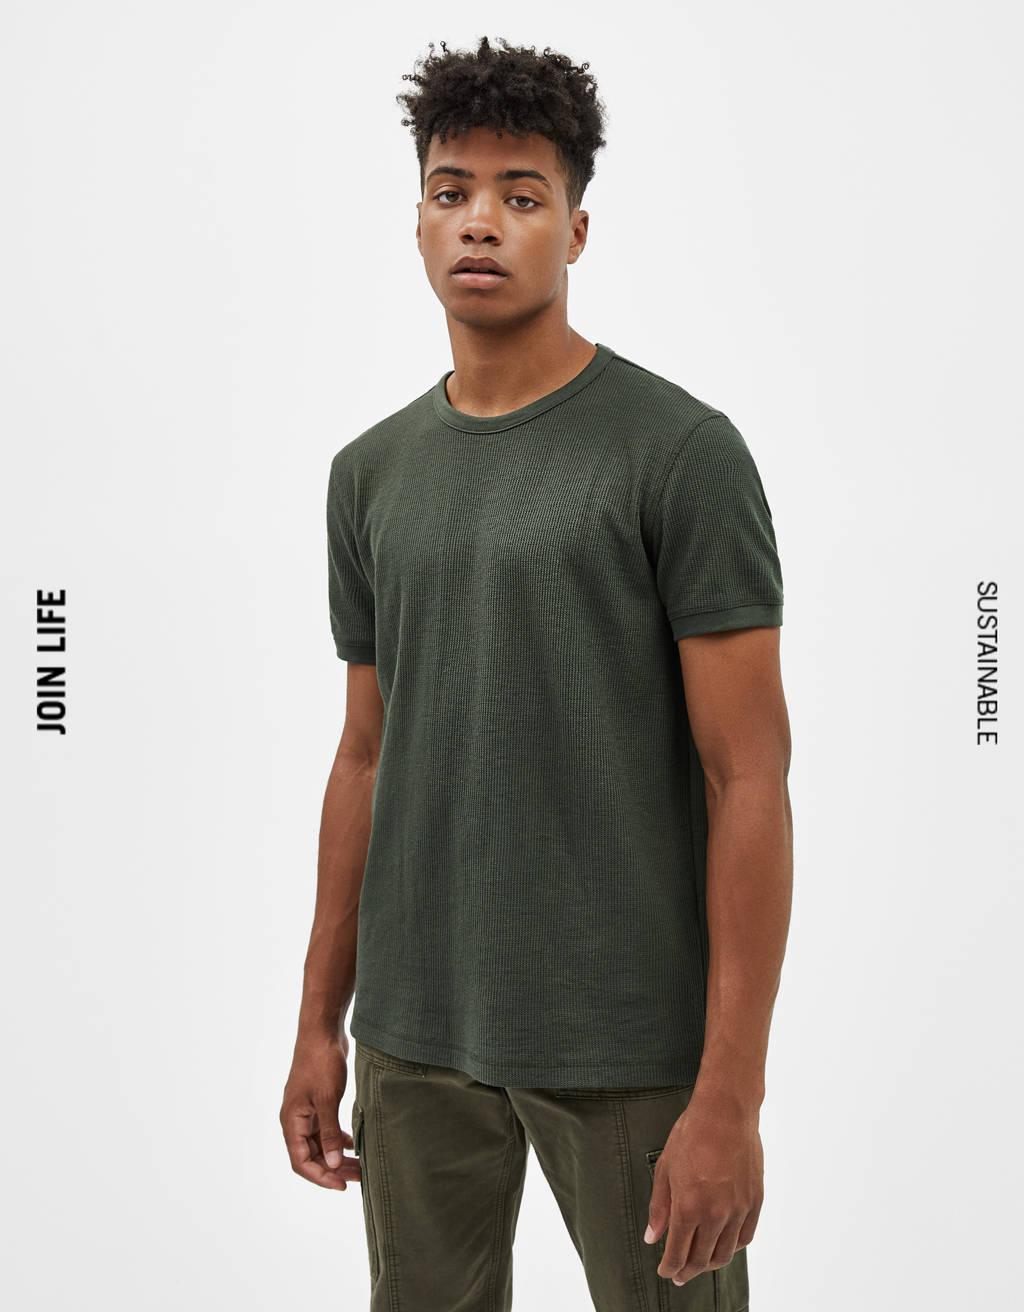 Vaflinės tekstūros marškinėliai